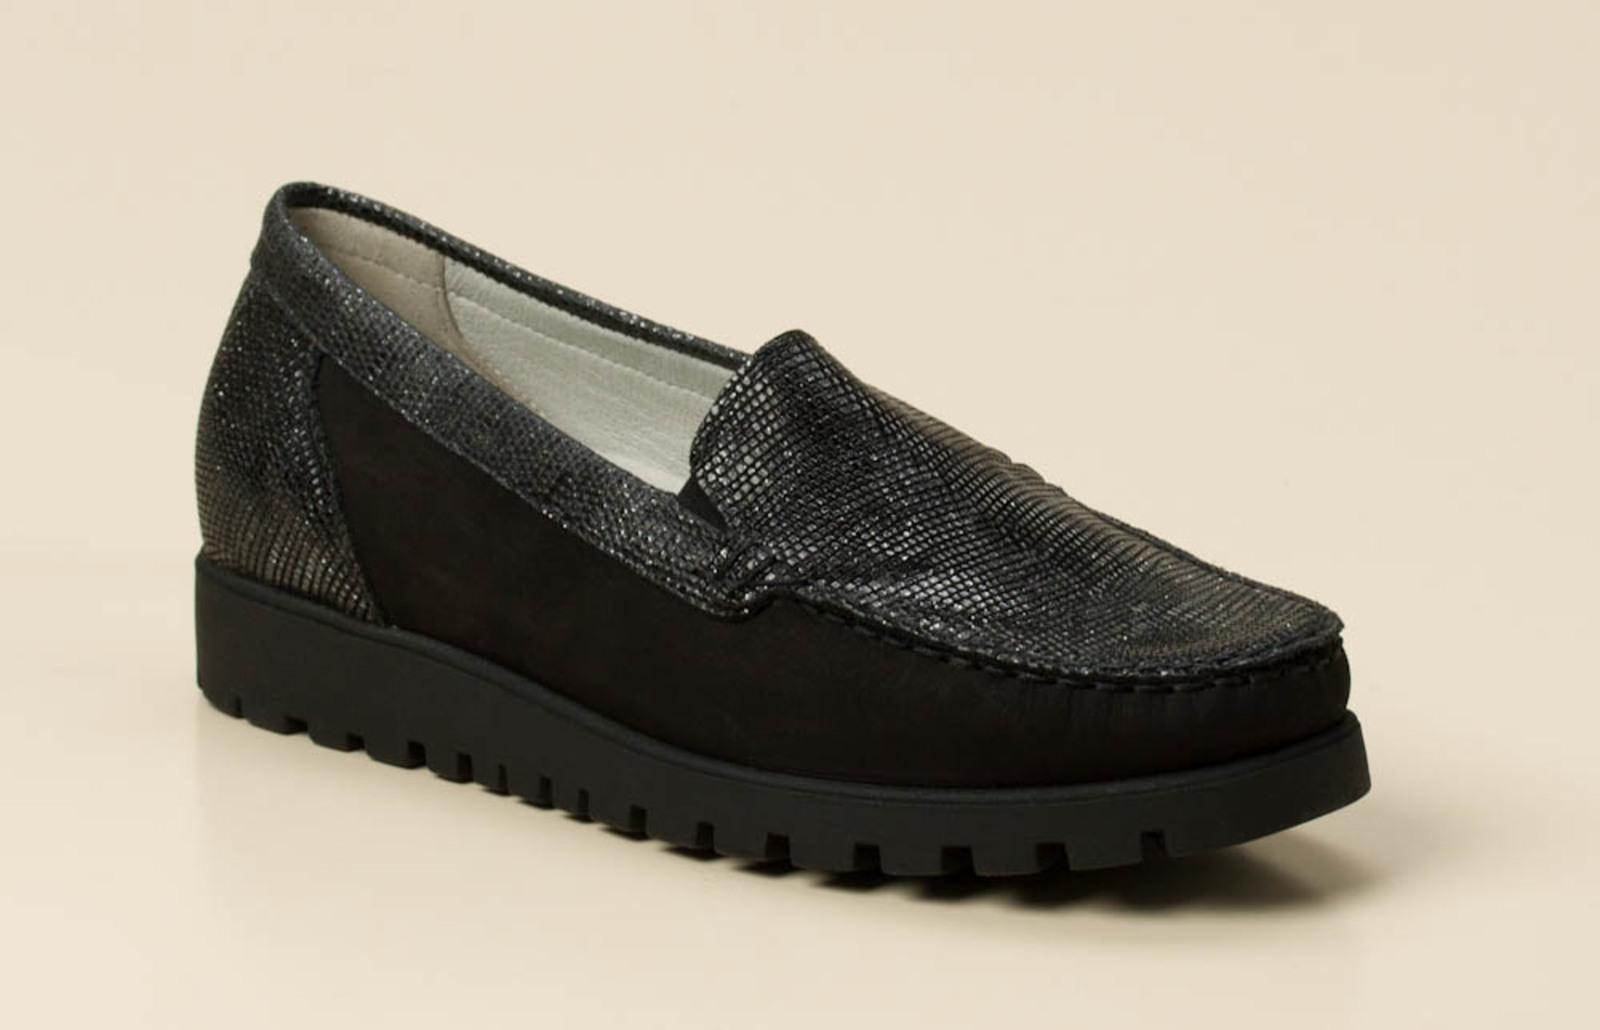 657d5388c33a Waldläufer Damen Slipper in schwarz grau kaufen   Zumnorde Online-Shop